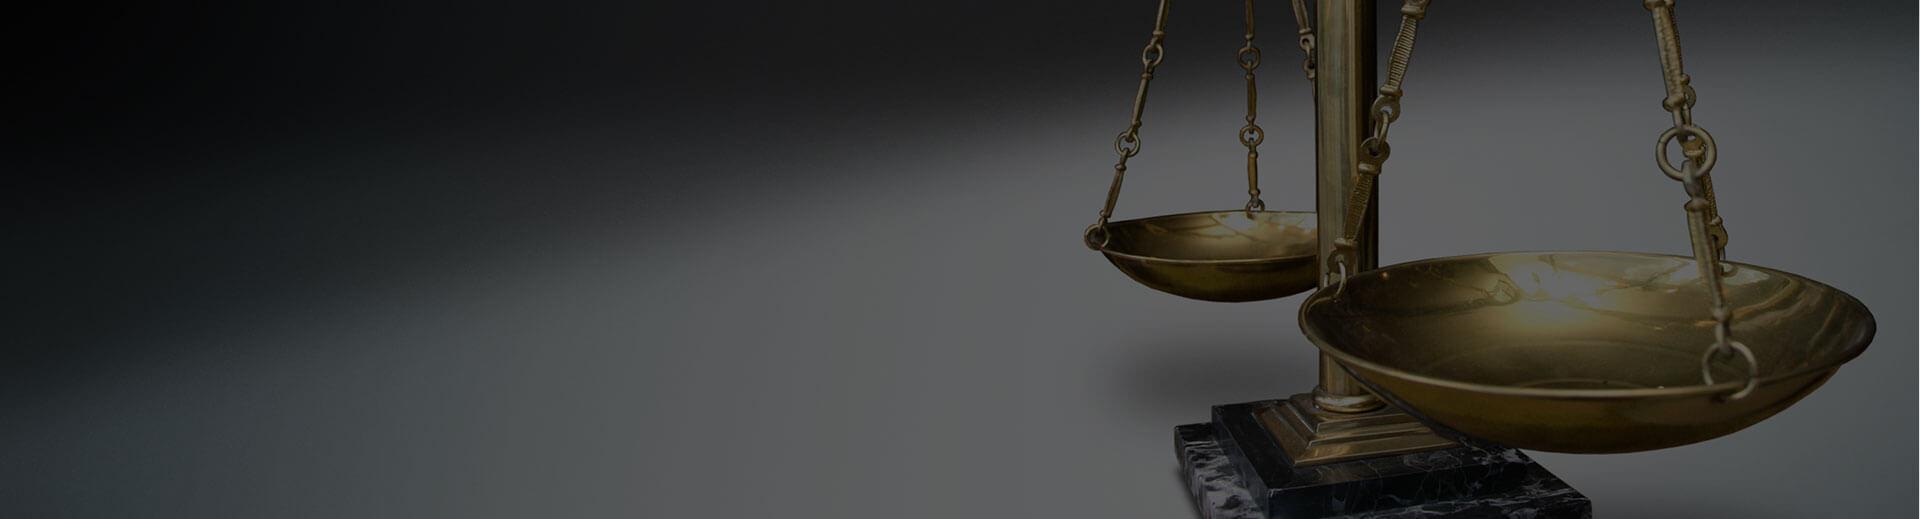 denisdejardin-avocat-page-DOMAINES-banniere-droit-societe